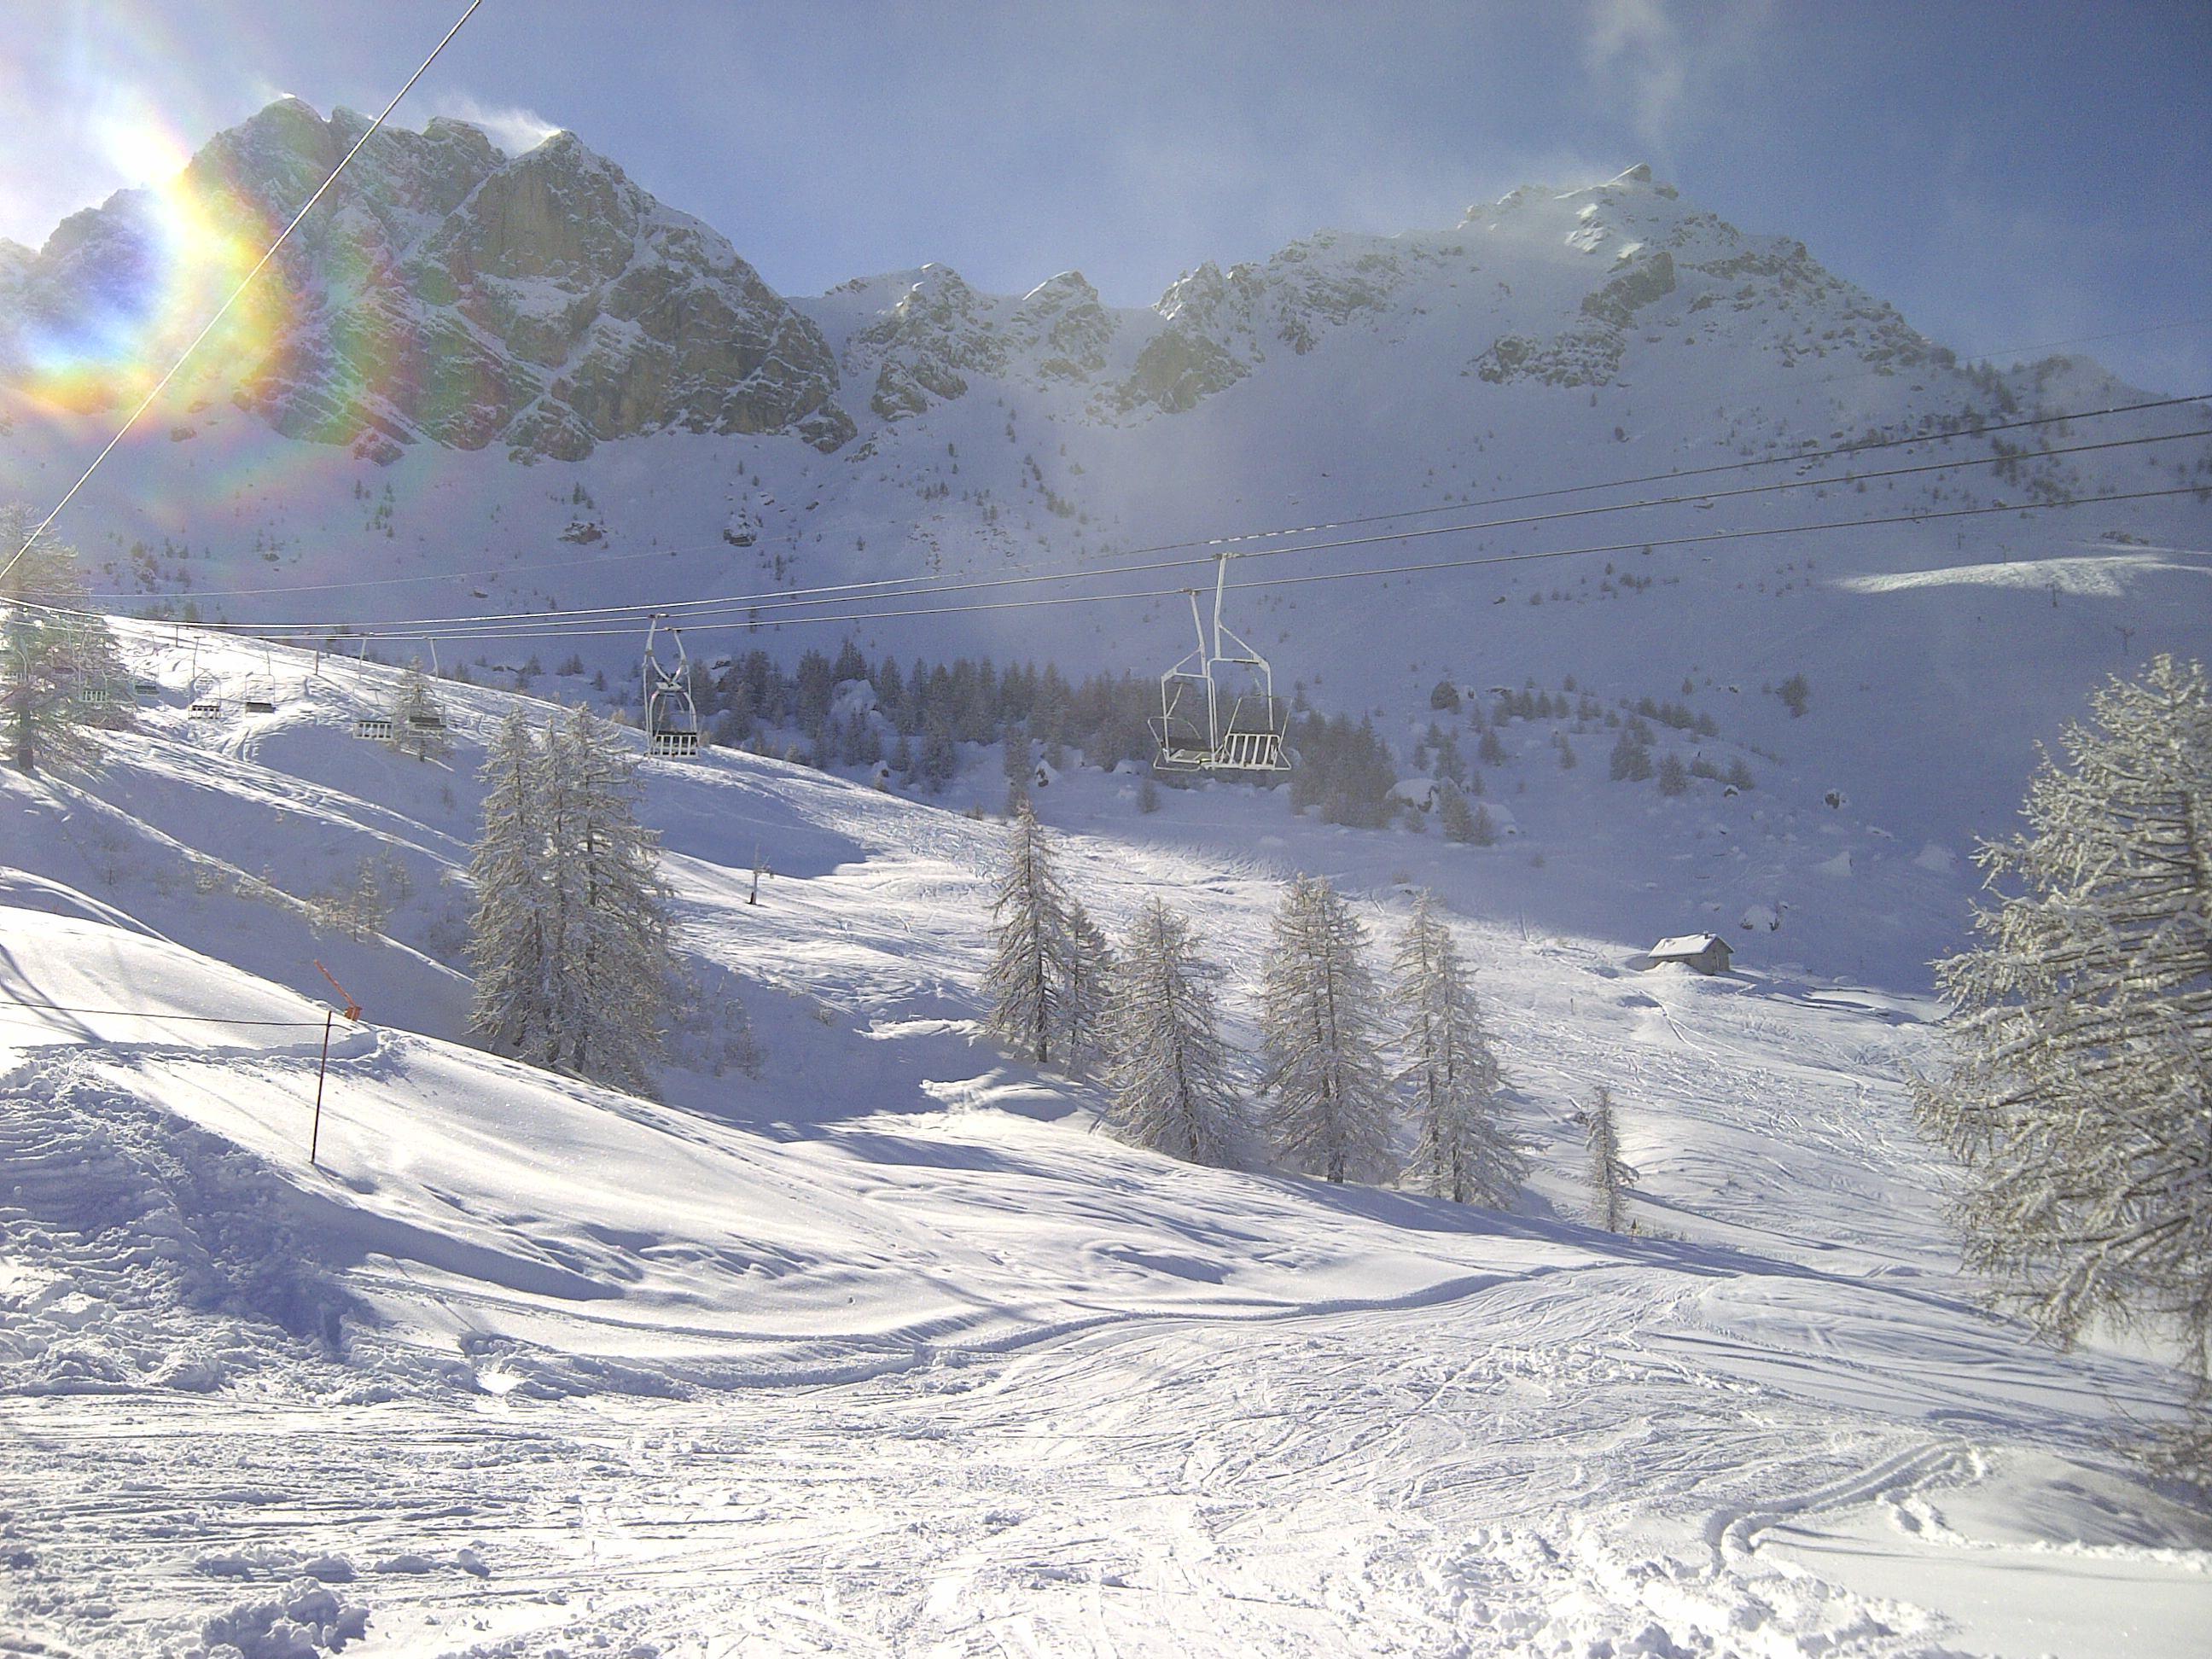 station ski Sauze - Super Sauze